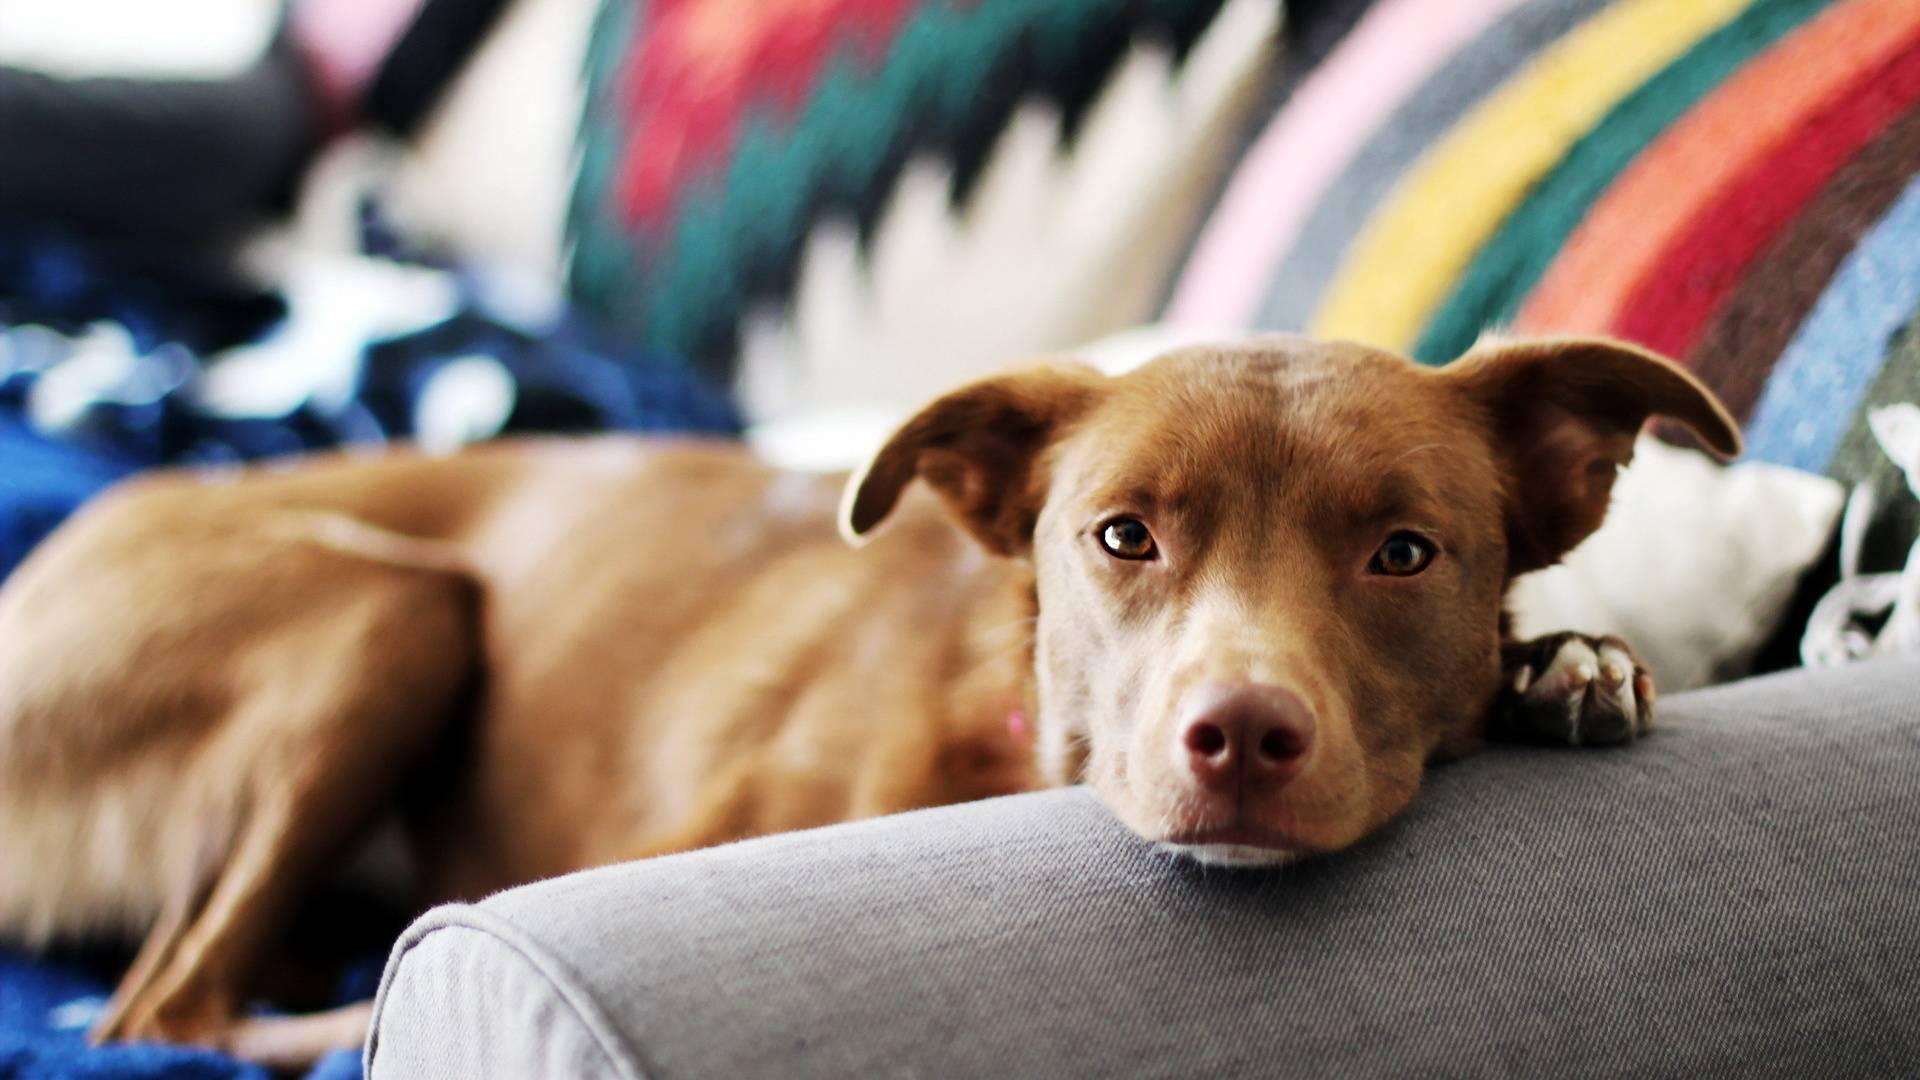 Первые дни щенка в новом доме: что делать, чтобы избежать ошибок